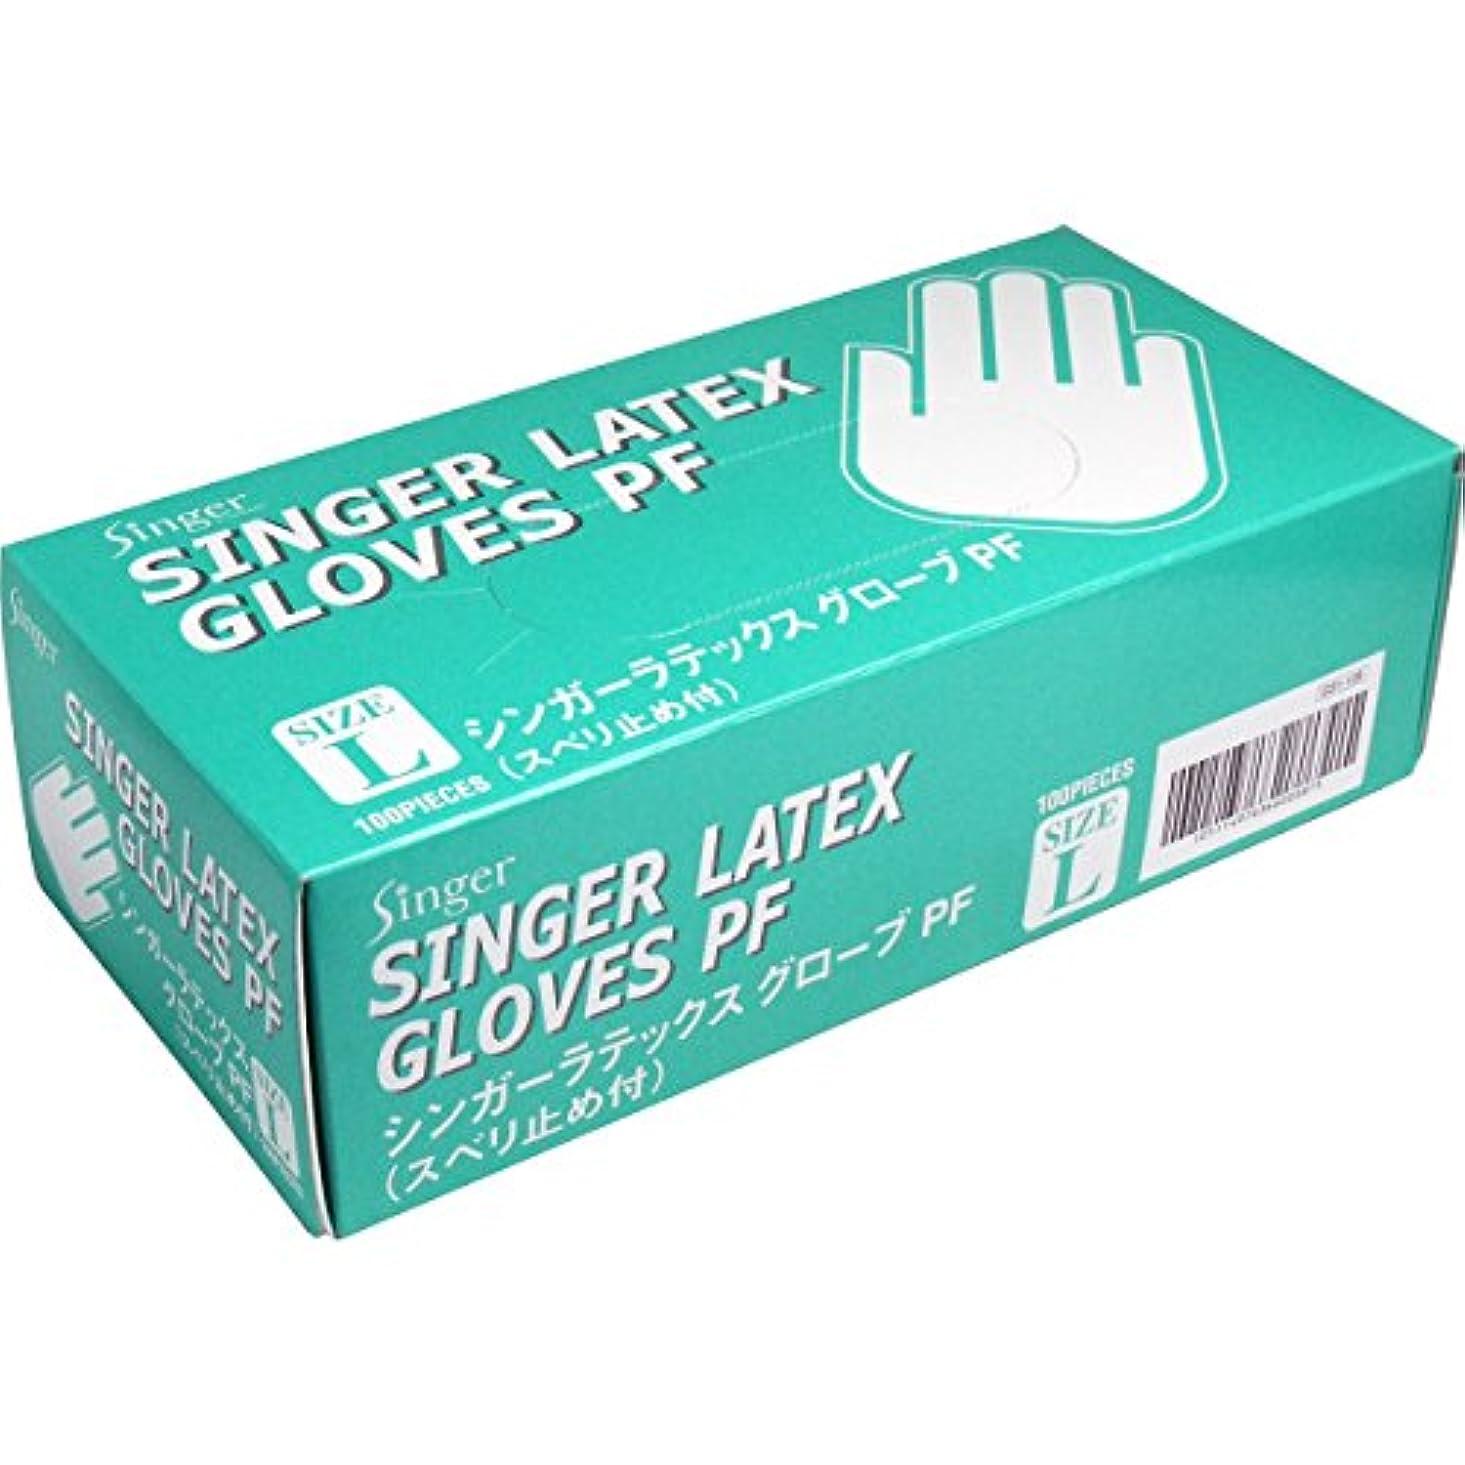 防止ファイターほぼパウダーフリー手袋 素手感覚で使える 使いやすい シンガーラテックスグローブ パウダーフリー スベリ止め付 Lサイズ 100枚入